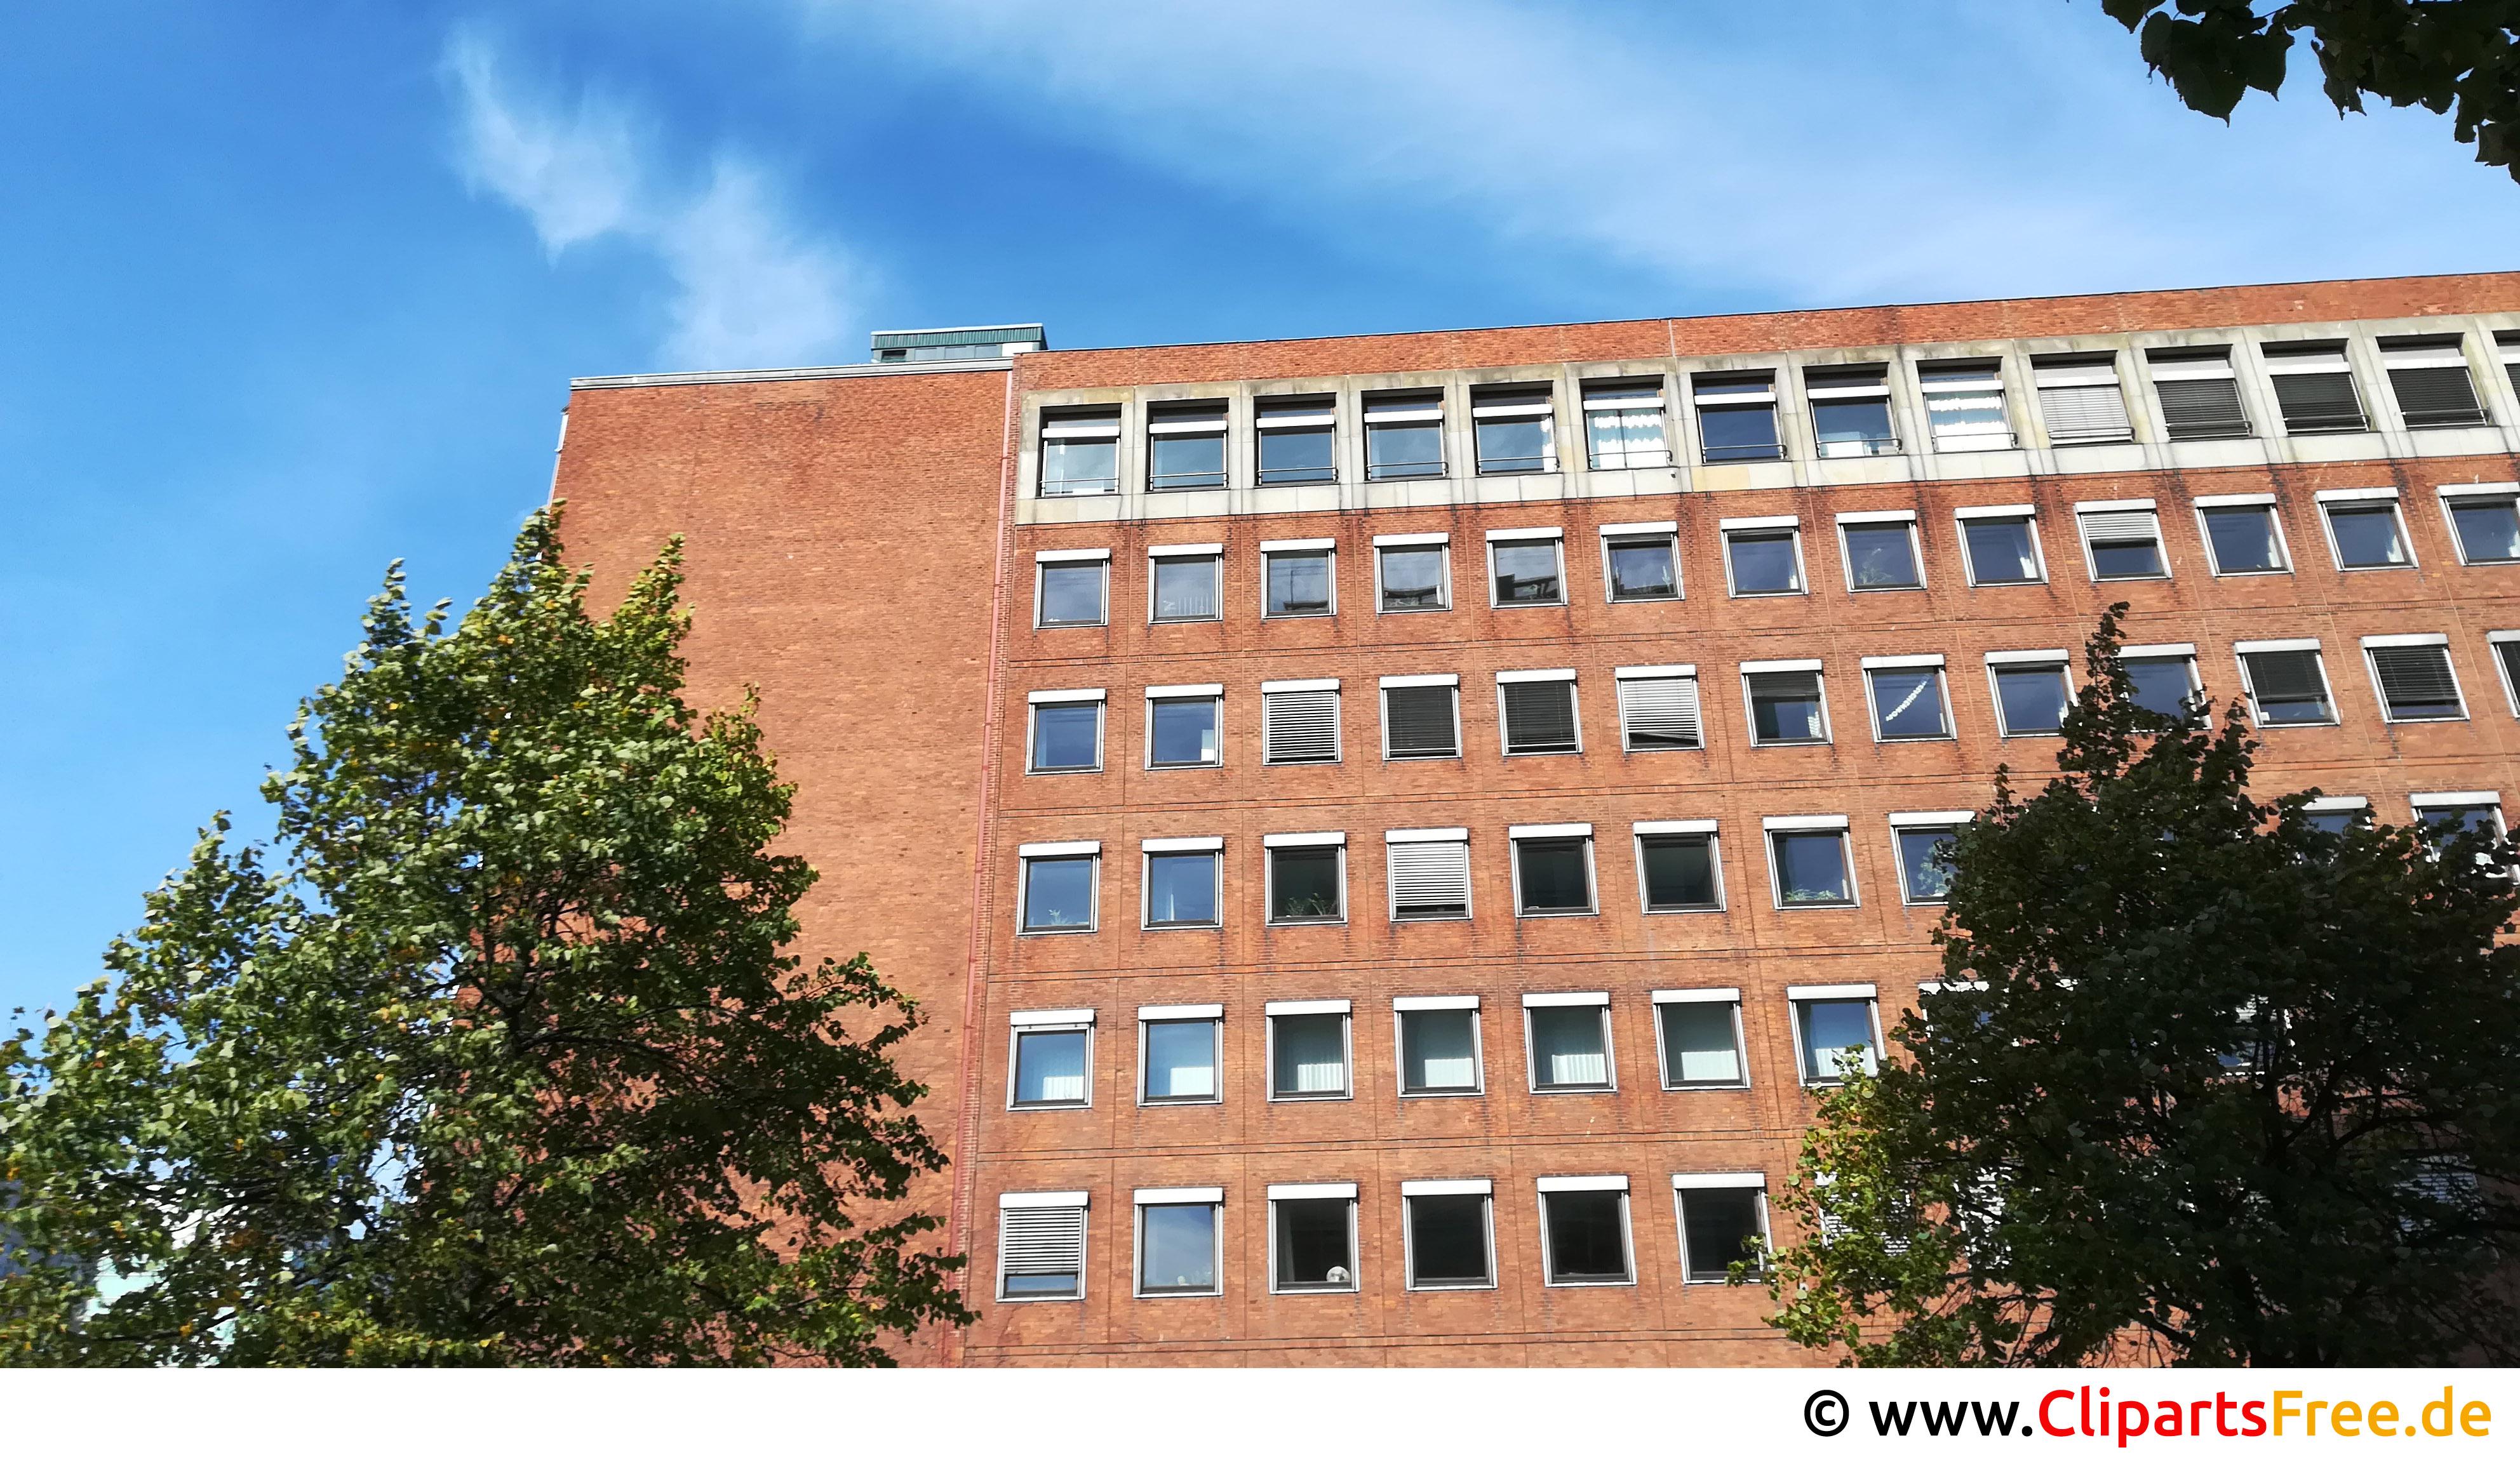 Altes Bürogebäude aus roten Ziegeln Foto kostenlos